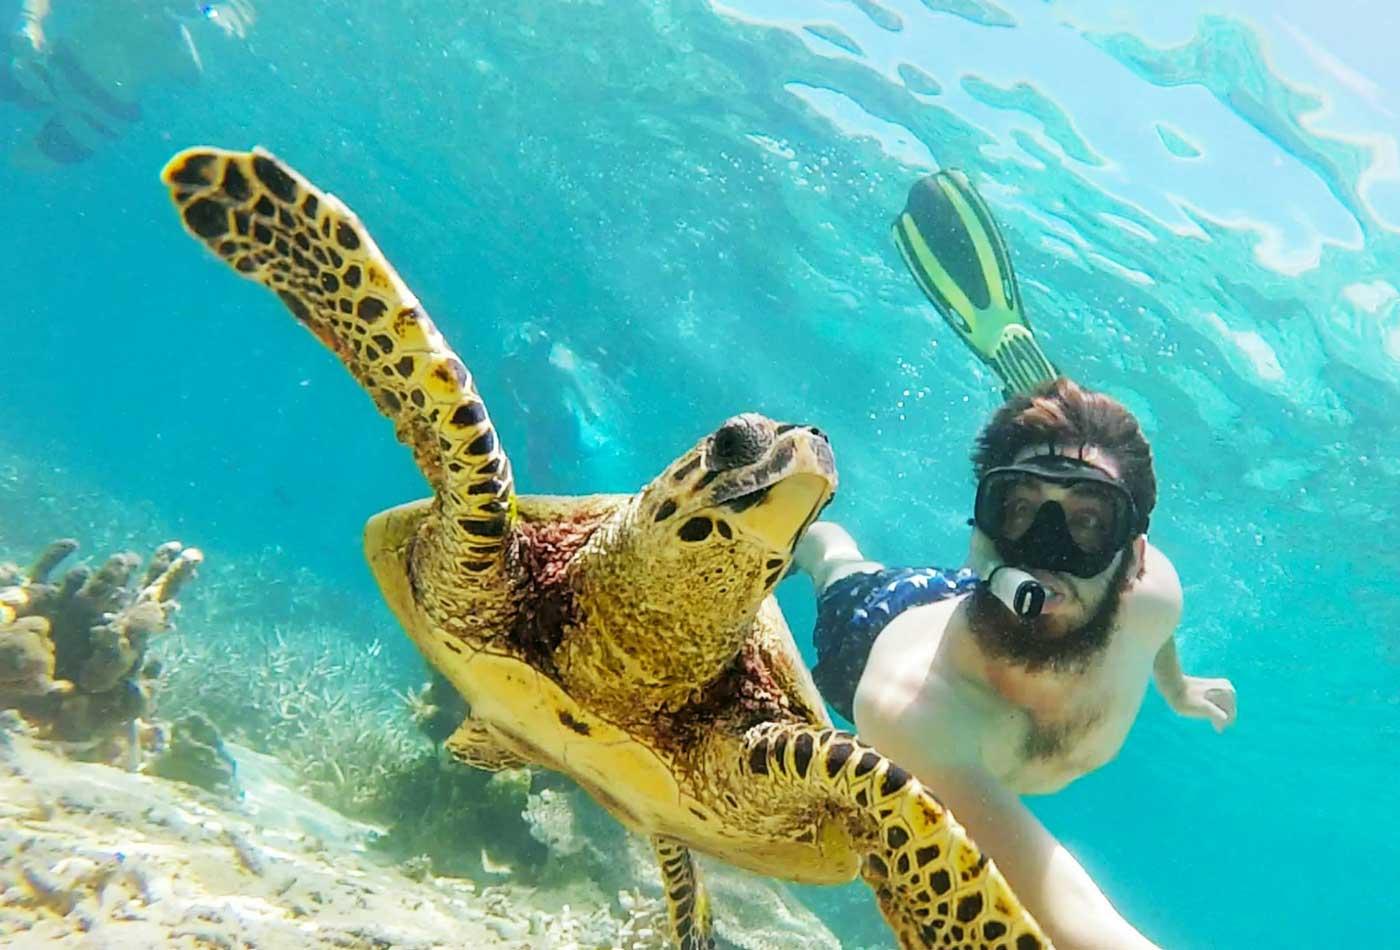 Tanikely-Madagascar holidays